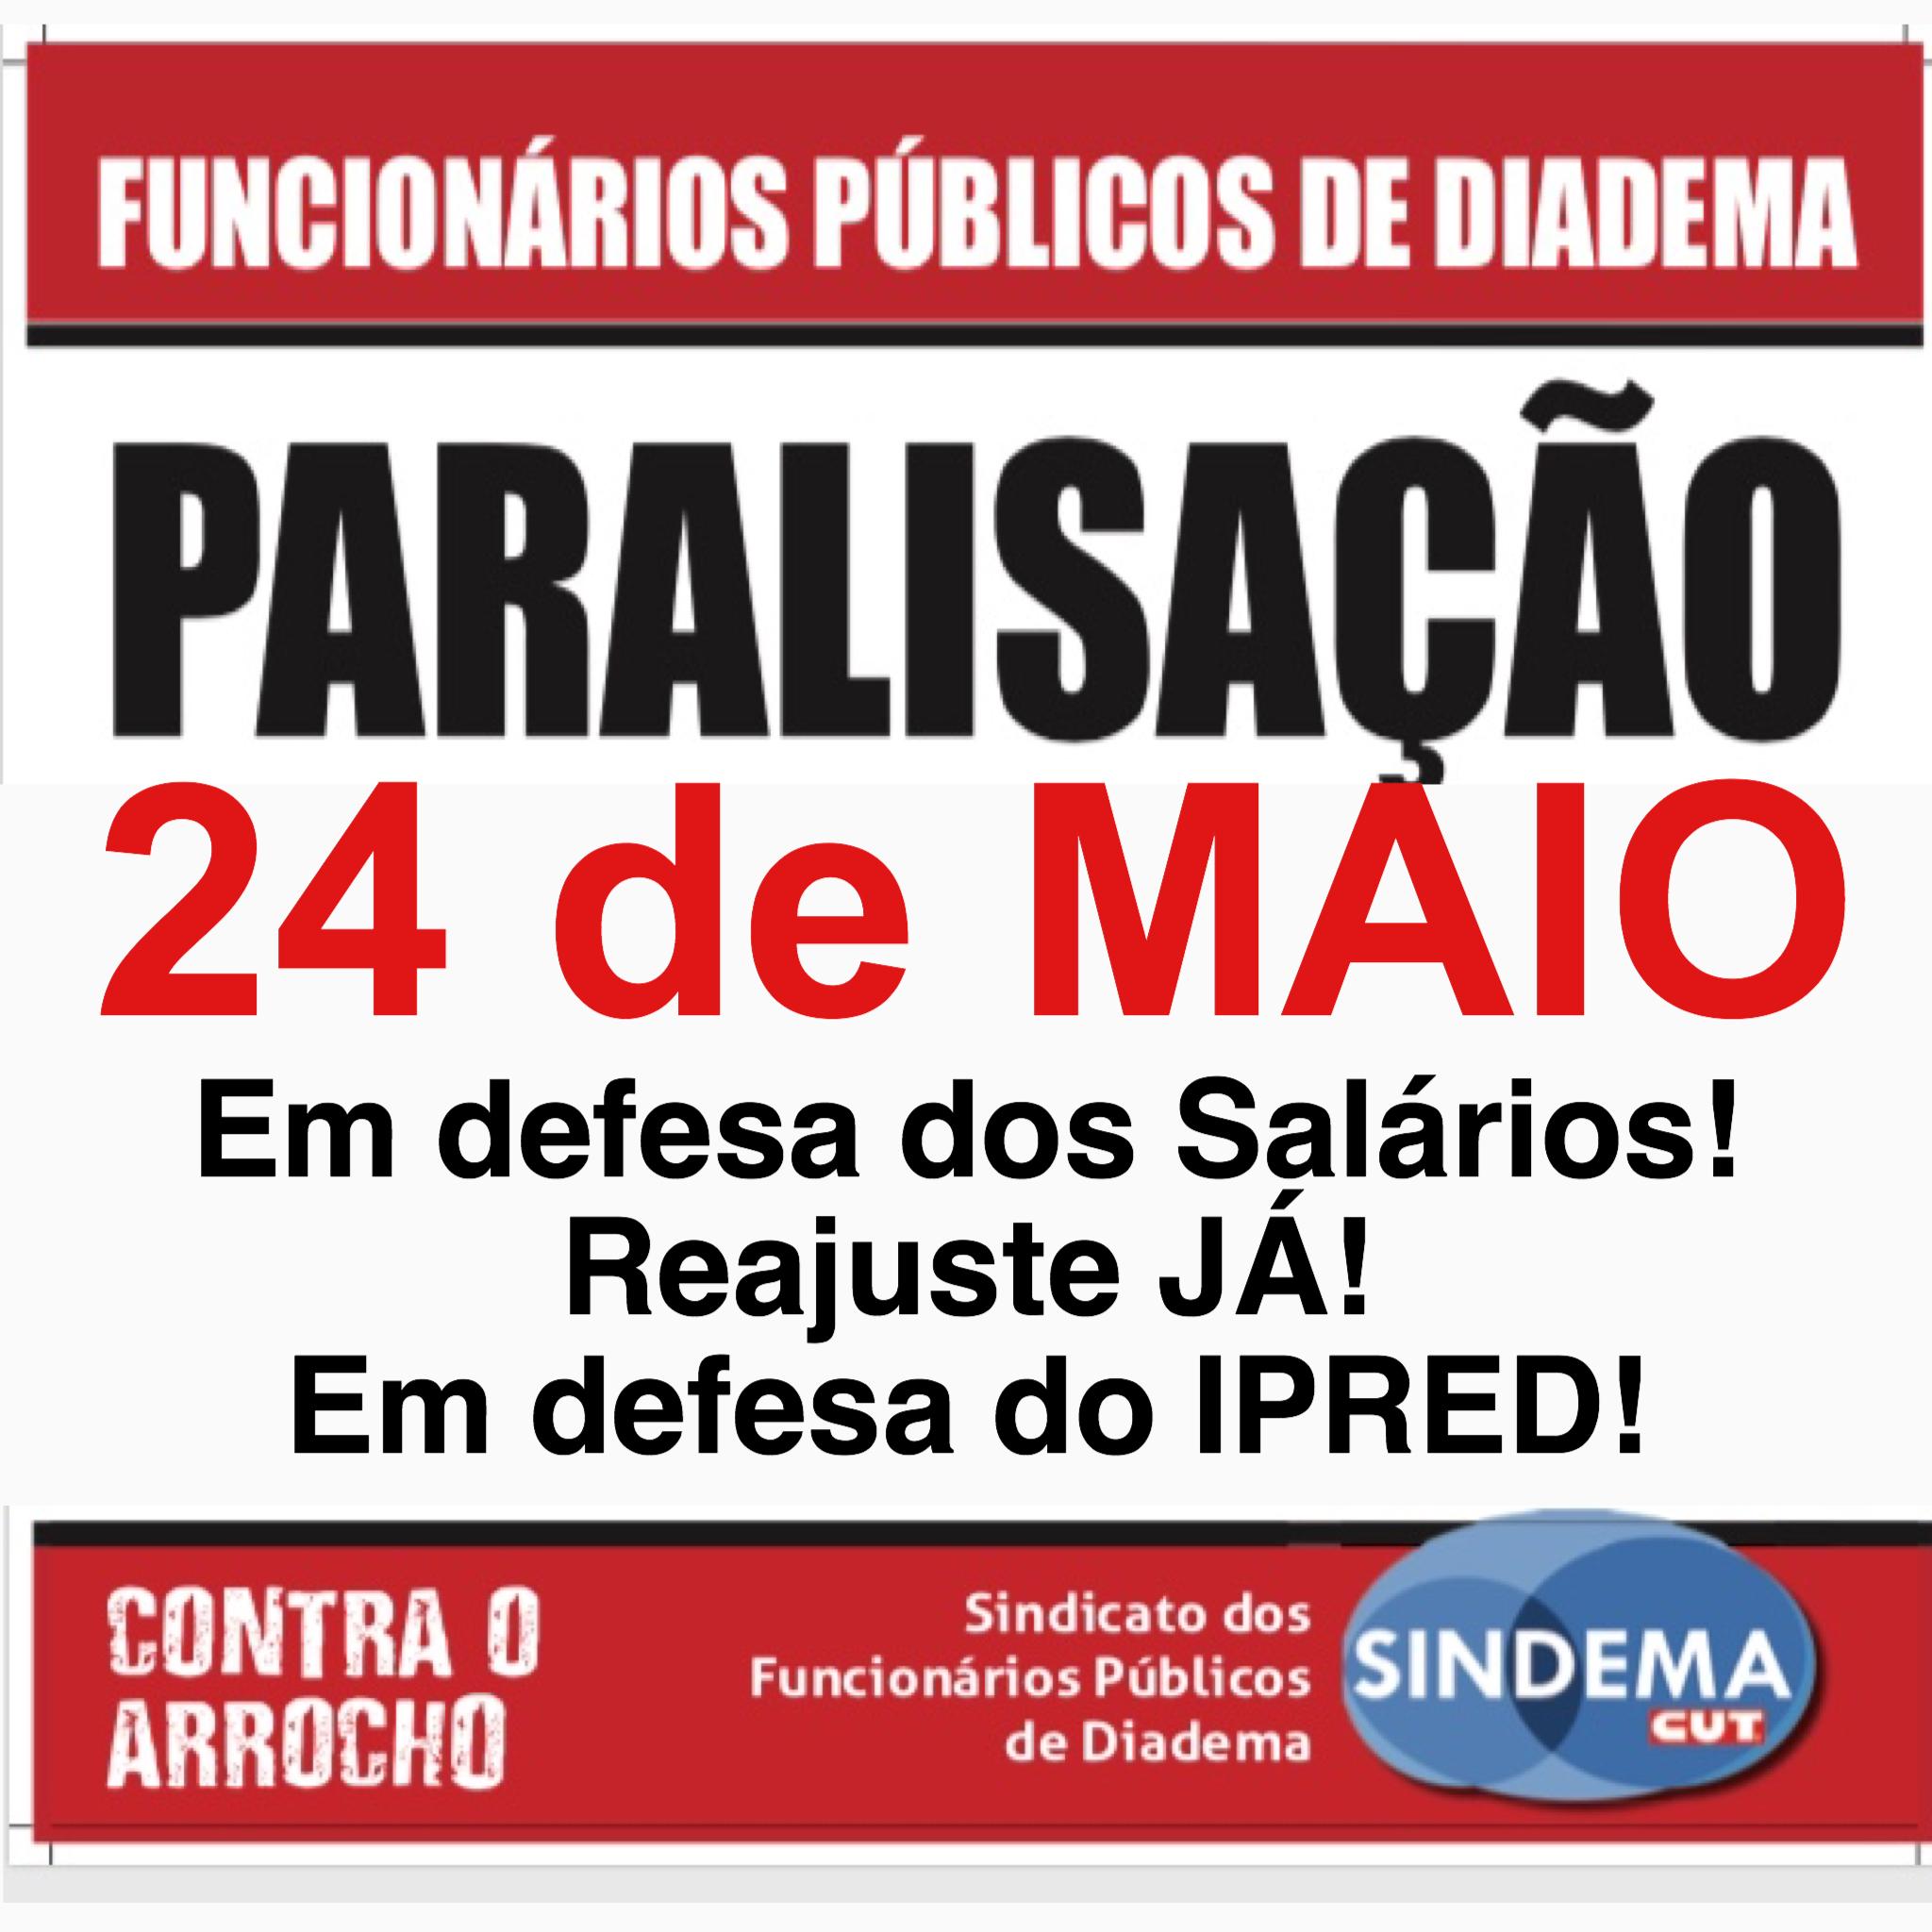 Paralisação 24 de maio